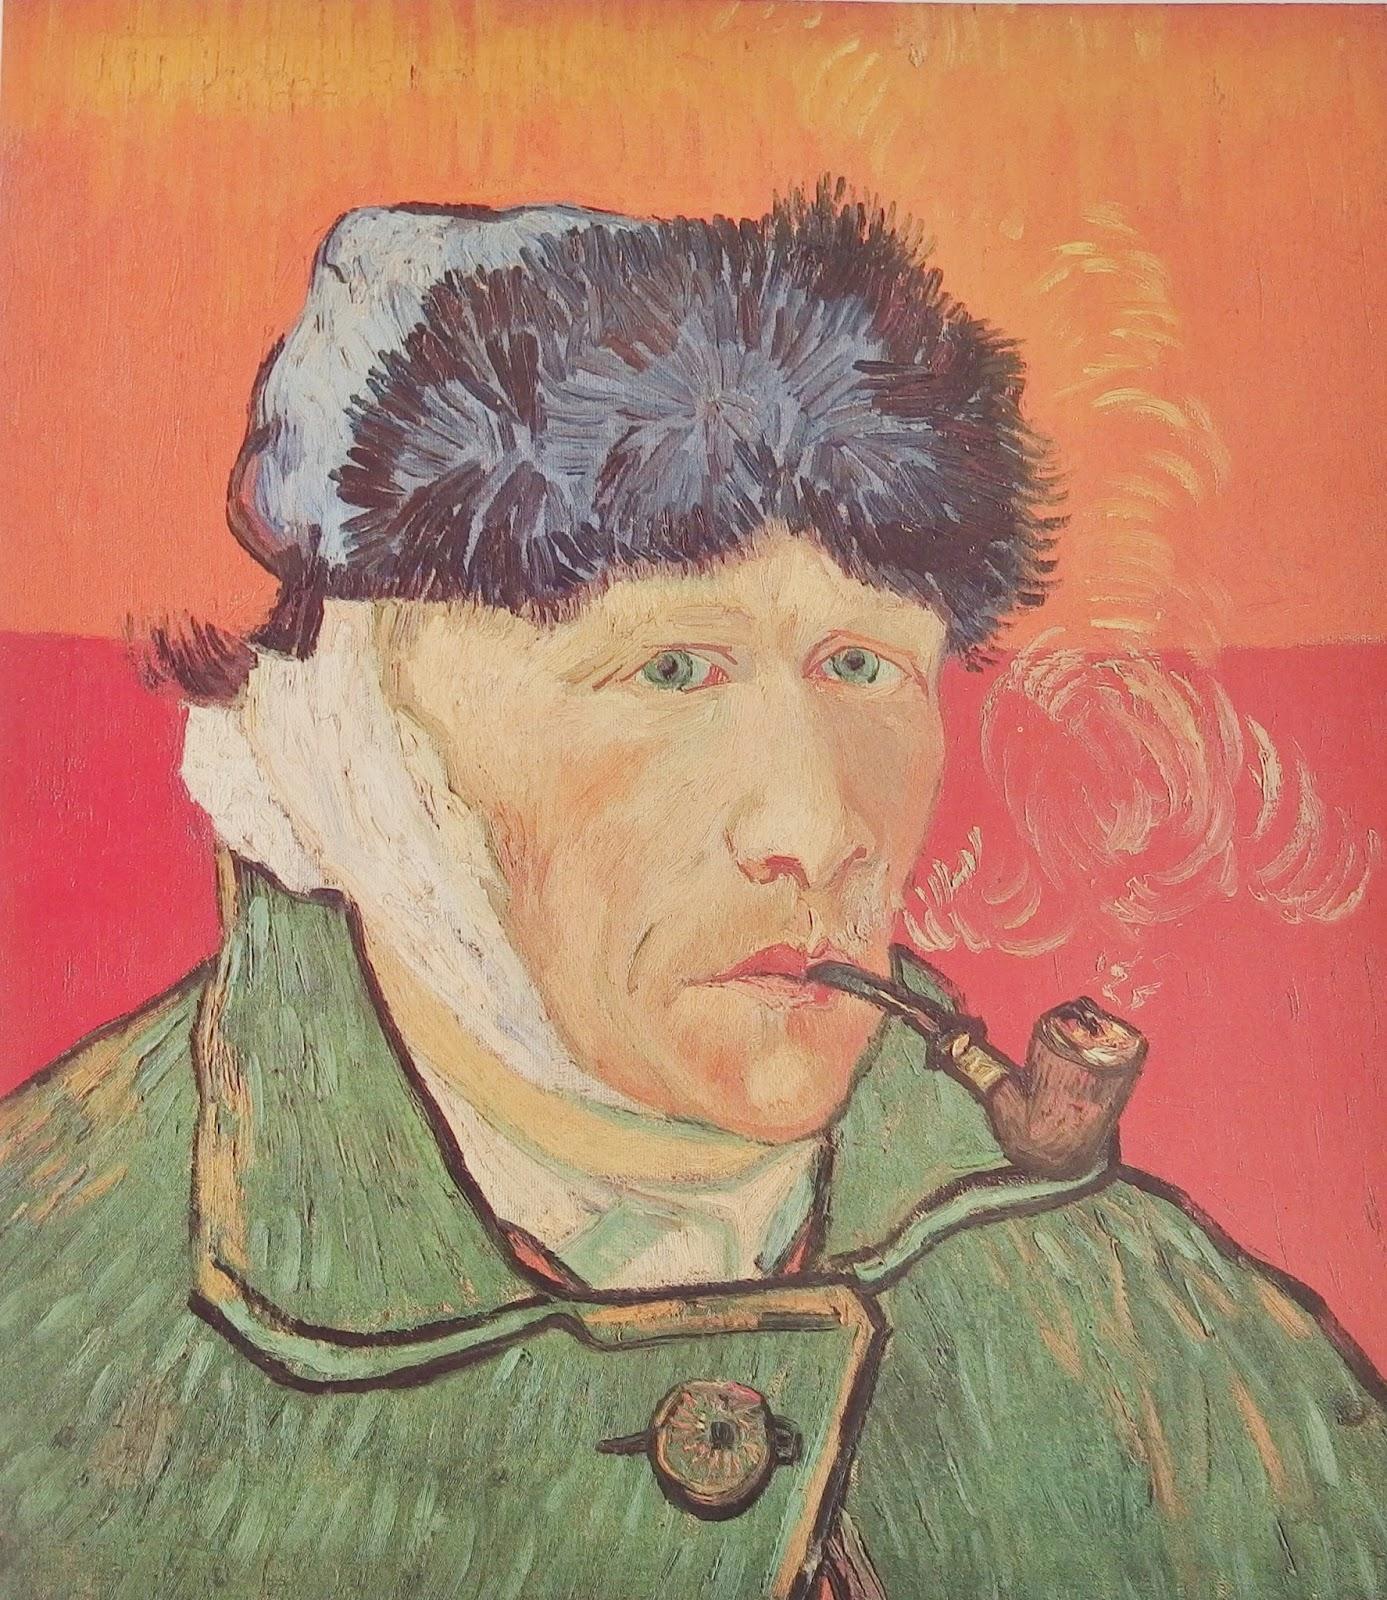 Le chercheur ind pendant van gogh paris - L oreille coupee van gogh ...